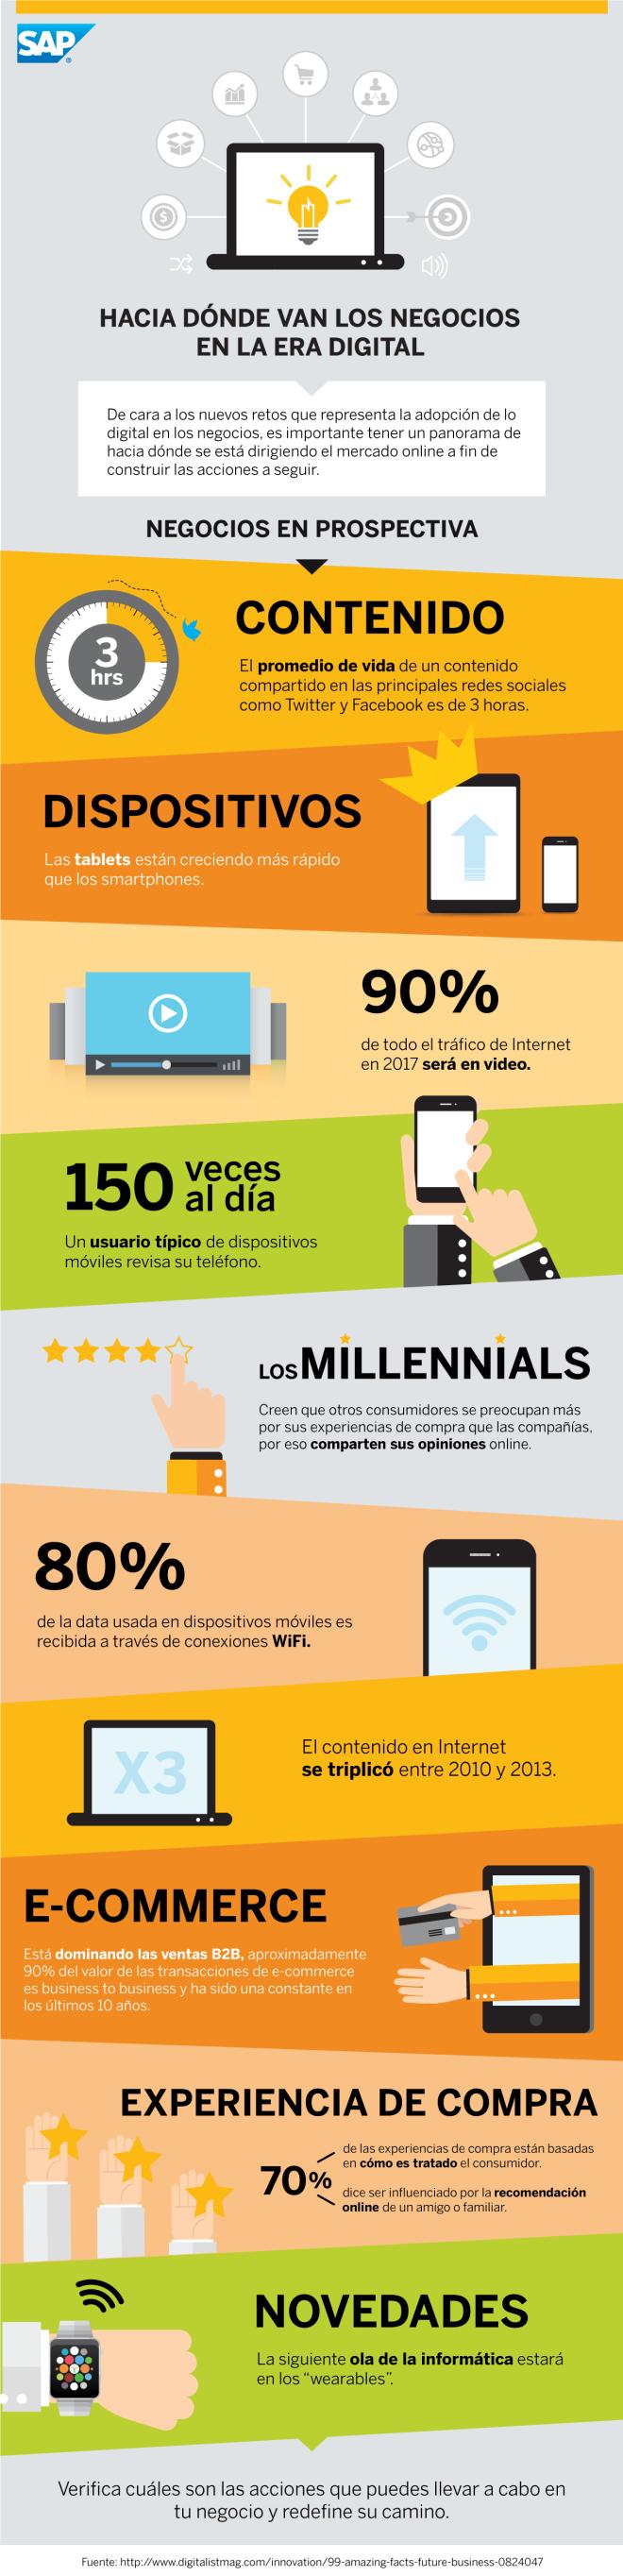 Hacia donde van los negocios en la Era Digital